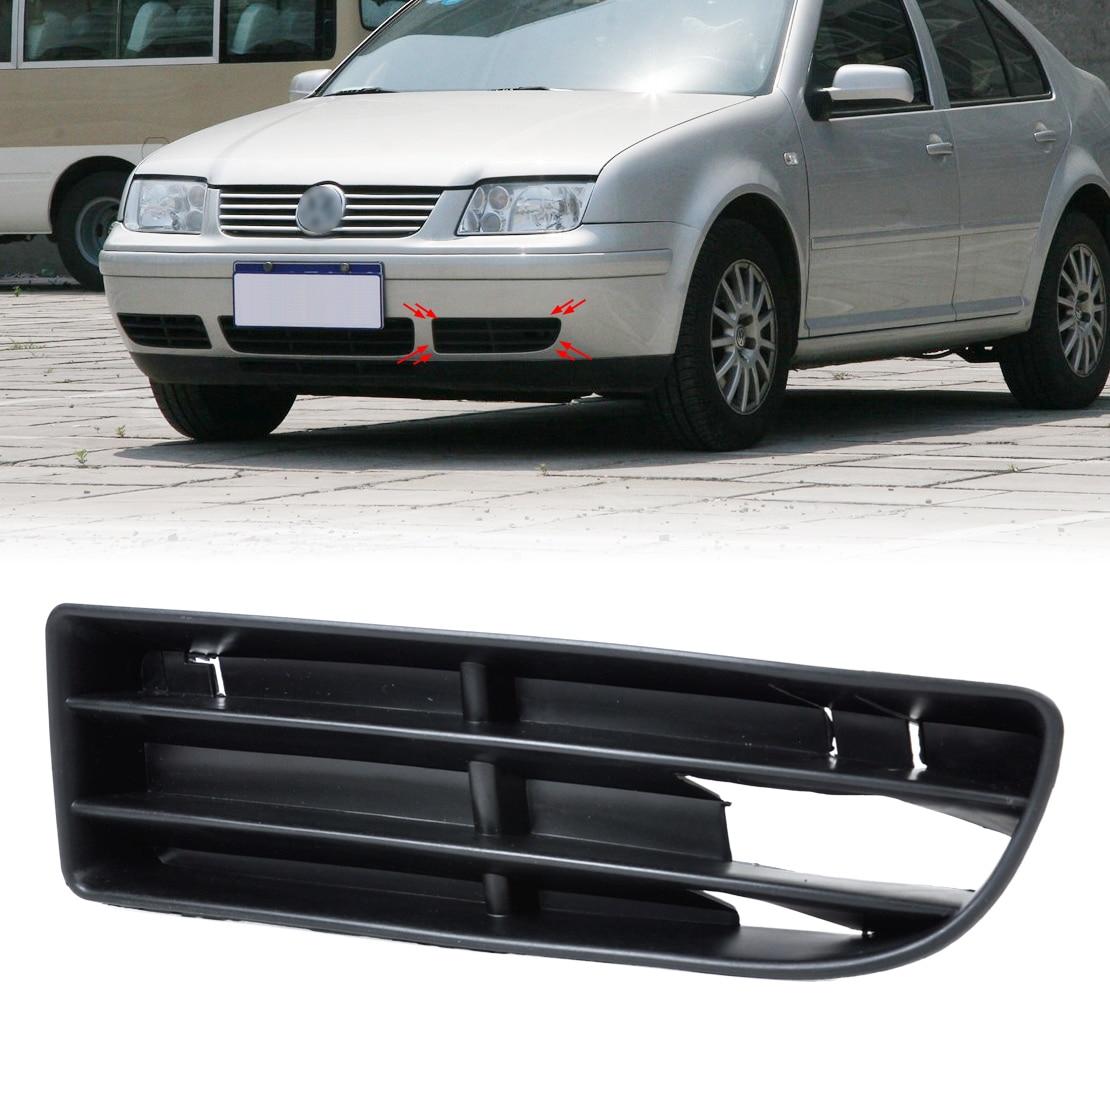 DWCX 1J5853665B Front Left Side Bumper Lower Grill Vent for VW Jetta Bora MK4 1999  2000 2001 2002 2003 2004 2001 2002 2003 carbon front left